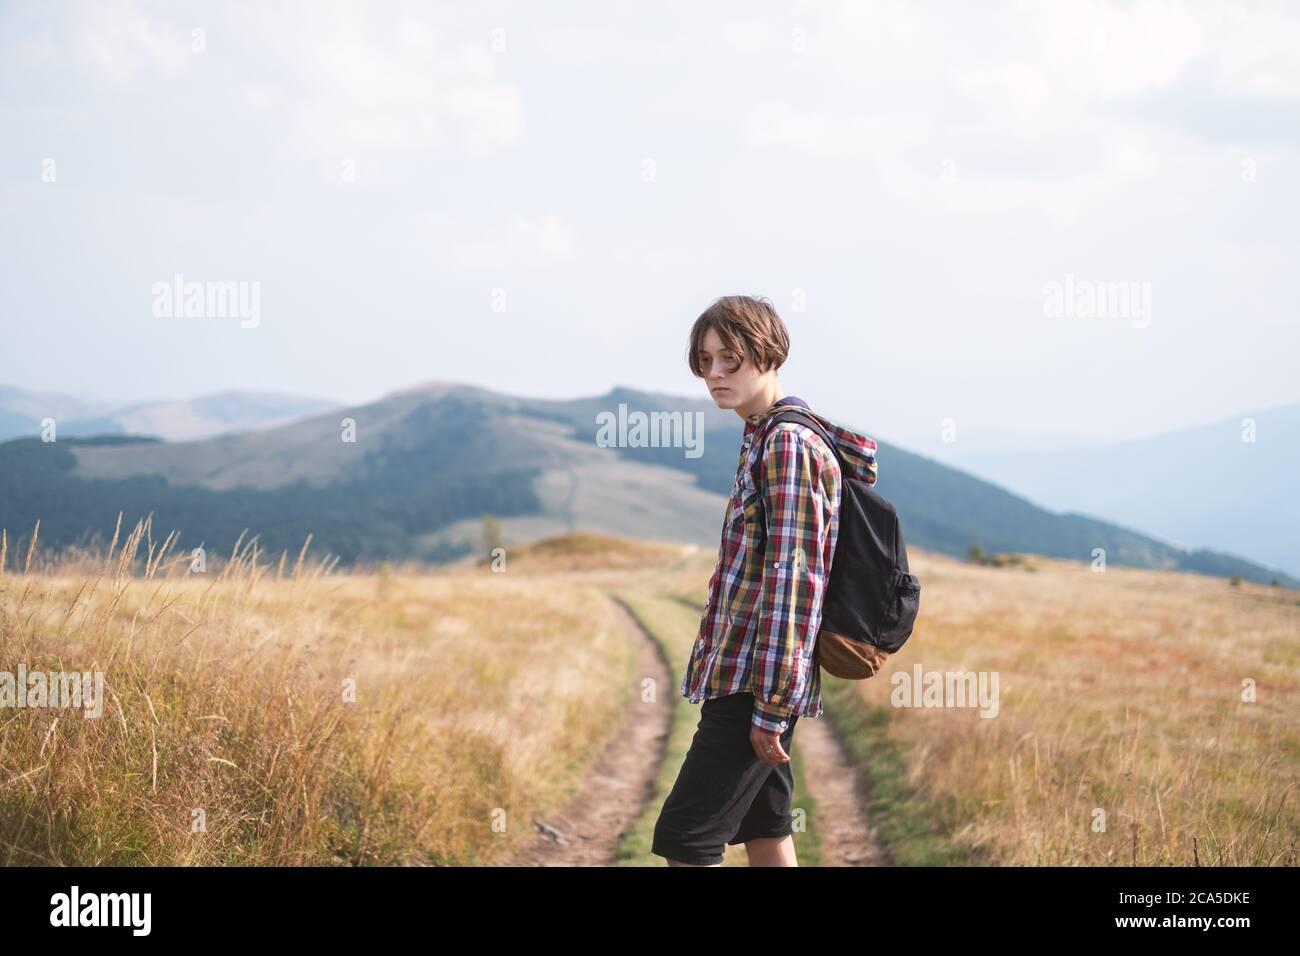 Niño con mochila en carretera de montaña. Concepto de viaje. Fotografía de paisajes Foto de stock